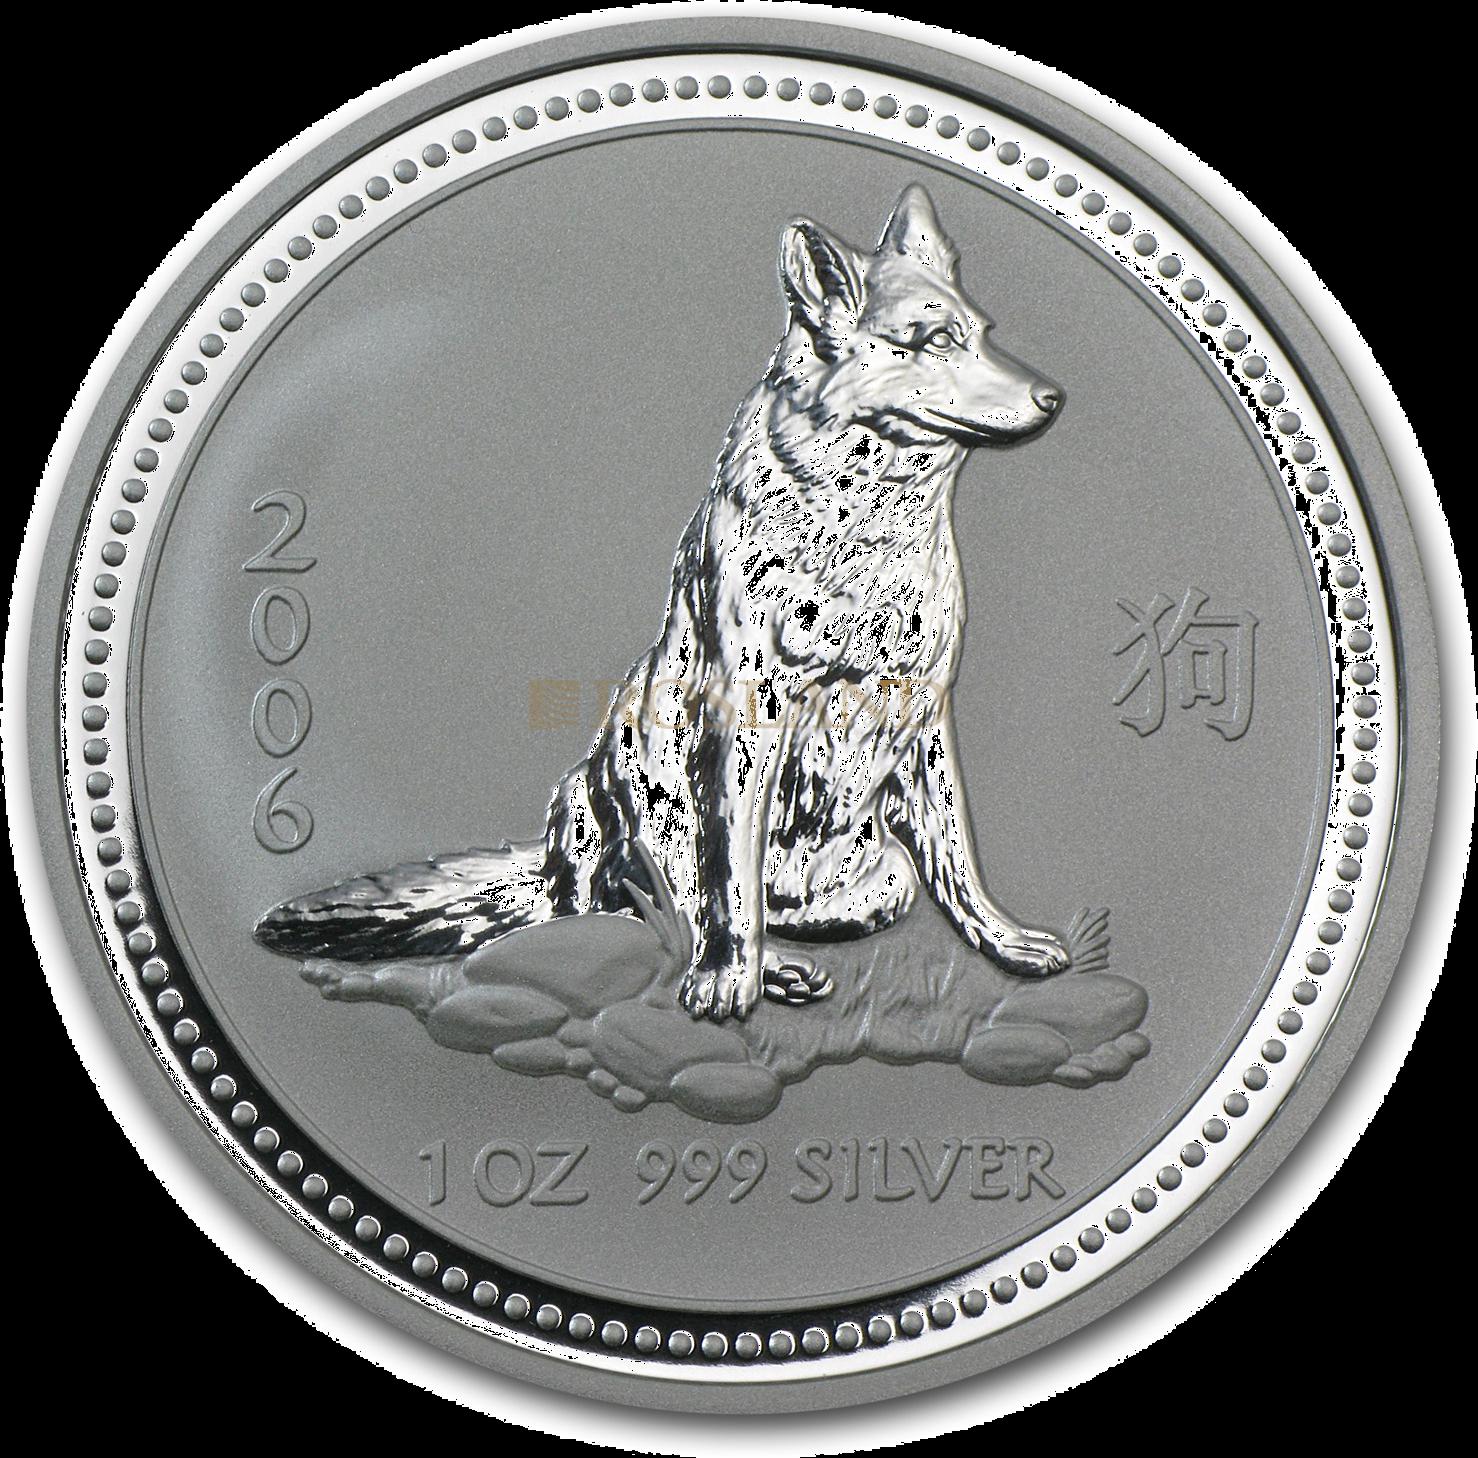 1 Unze Silbermünze Australien Lunar 1 Hund 2006